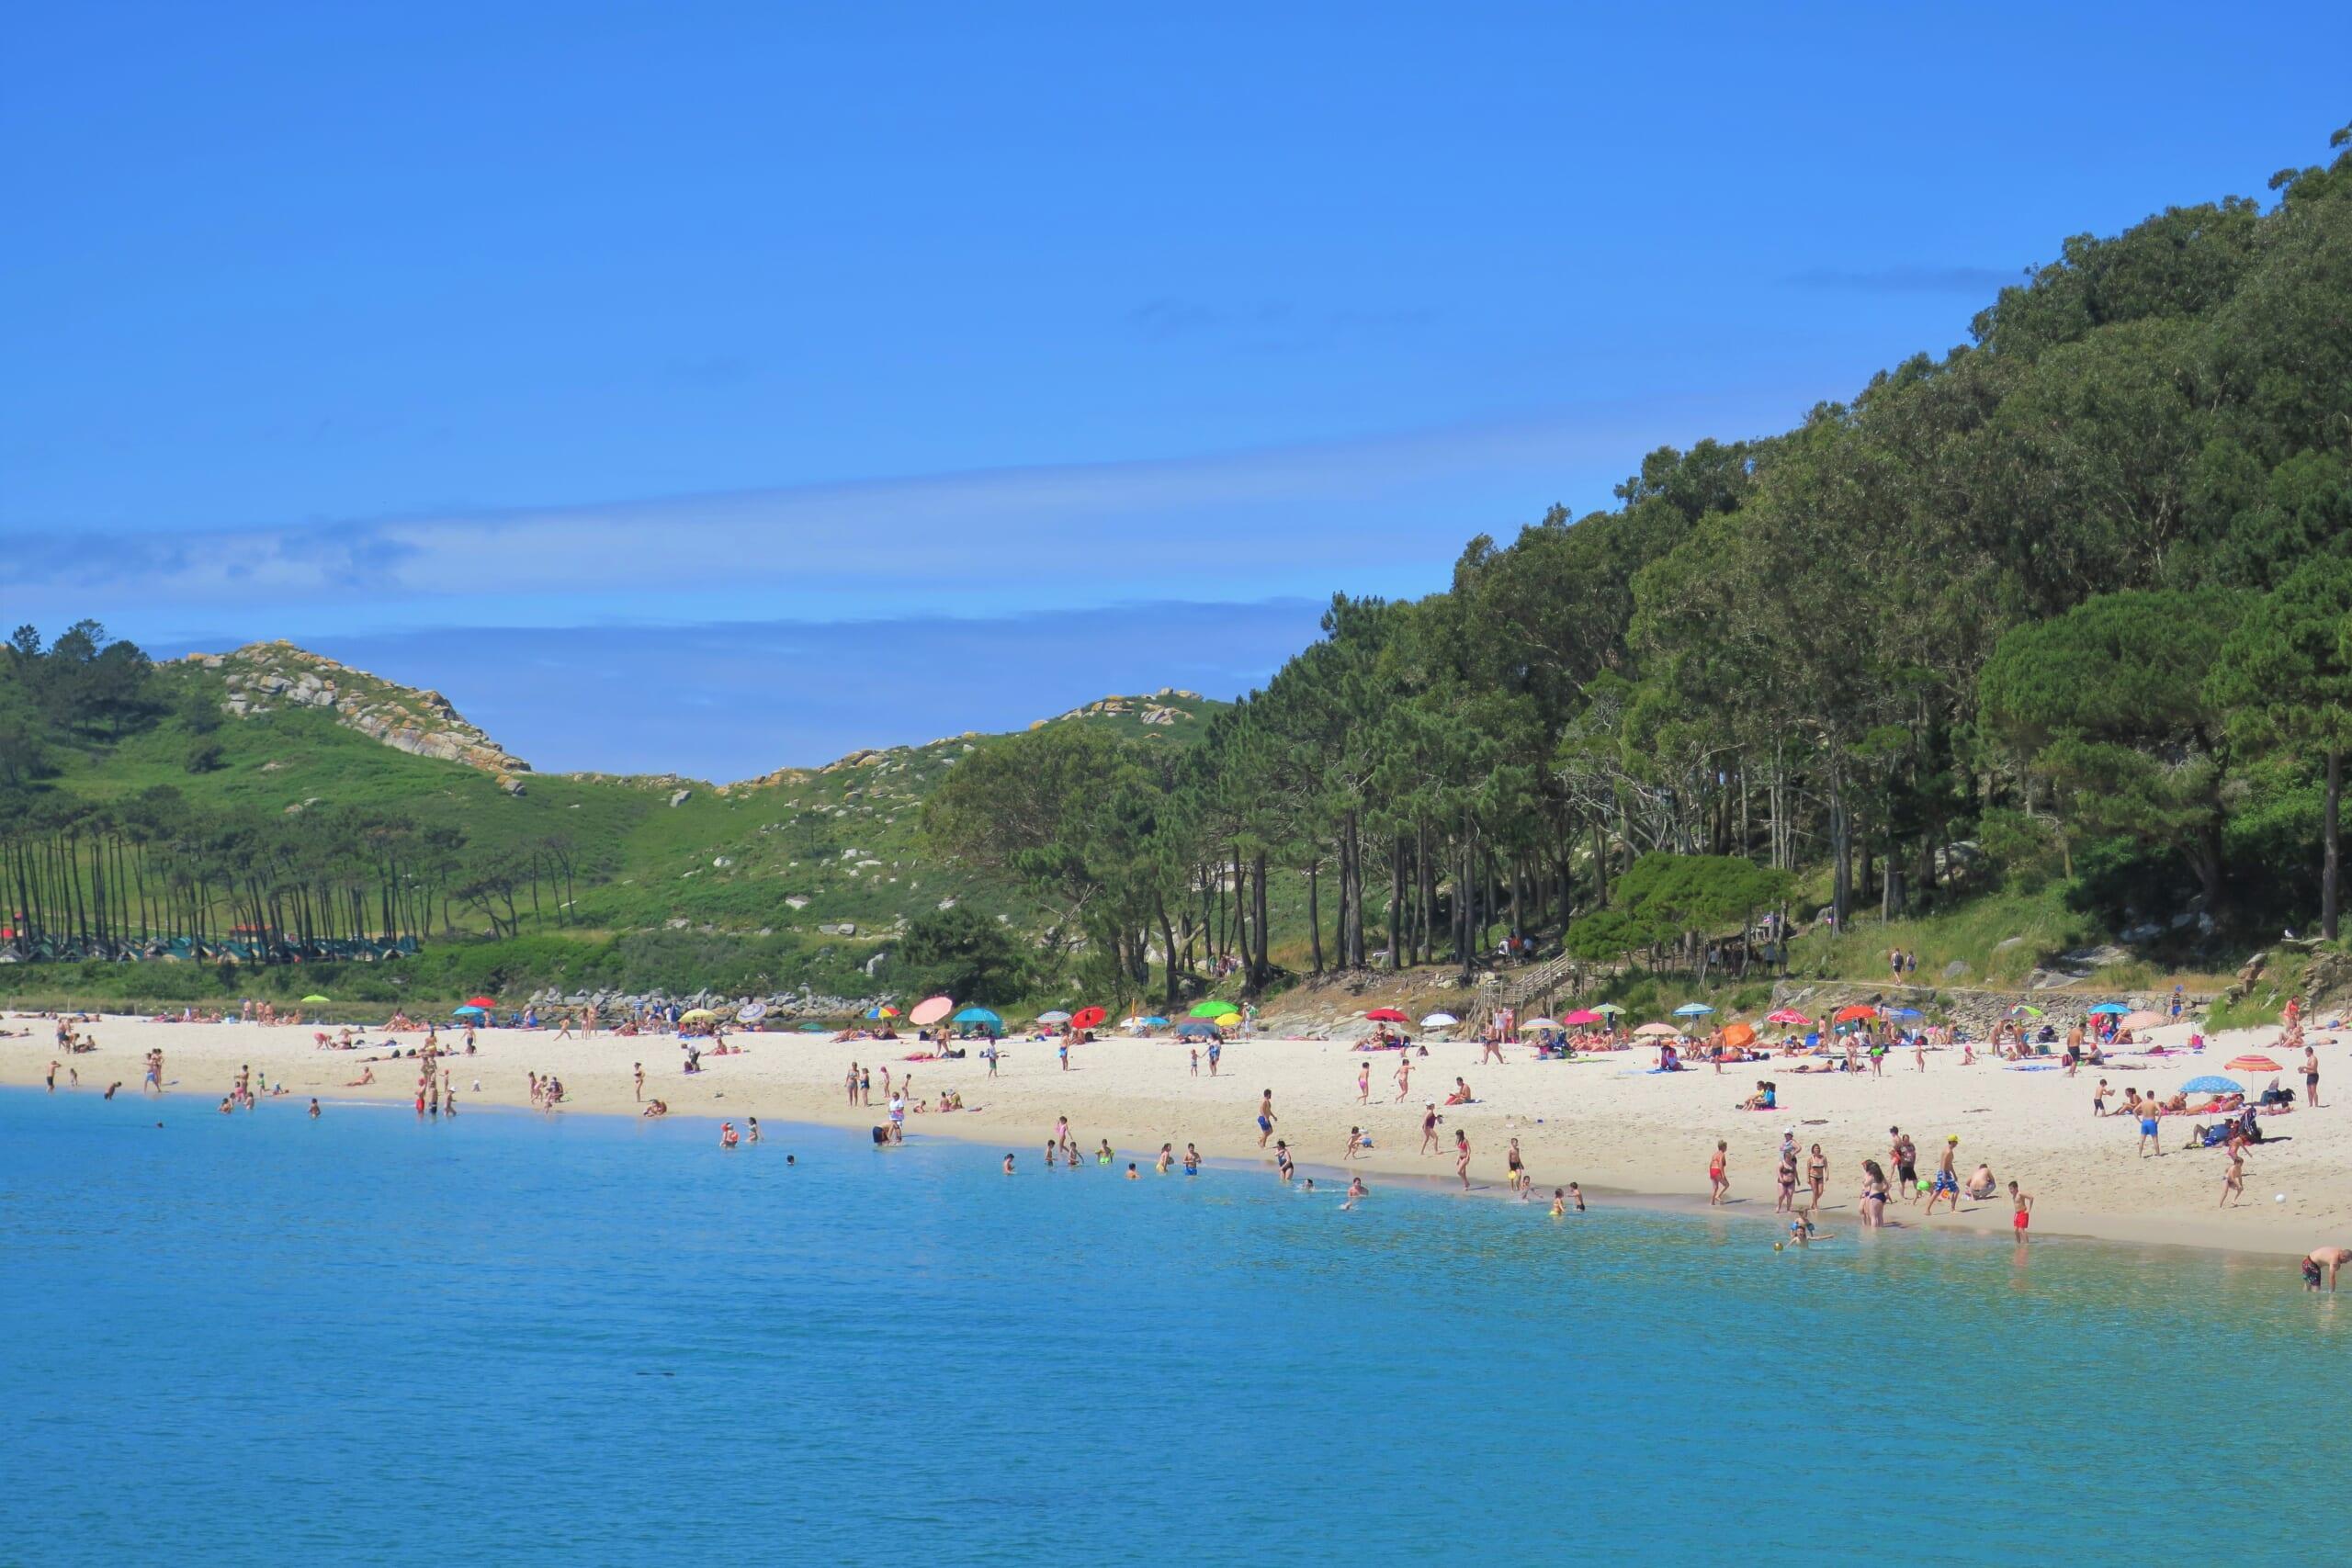 北スペインの観光スポットであるガリシアのシエス諸島